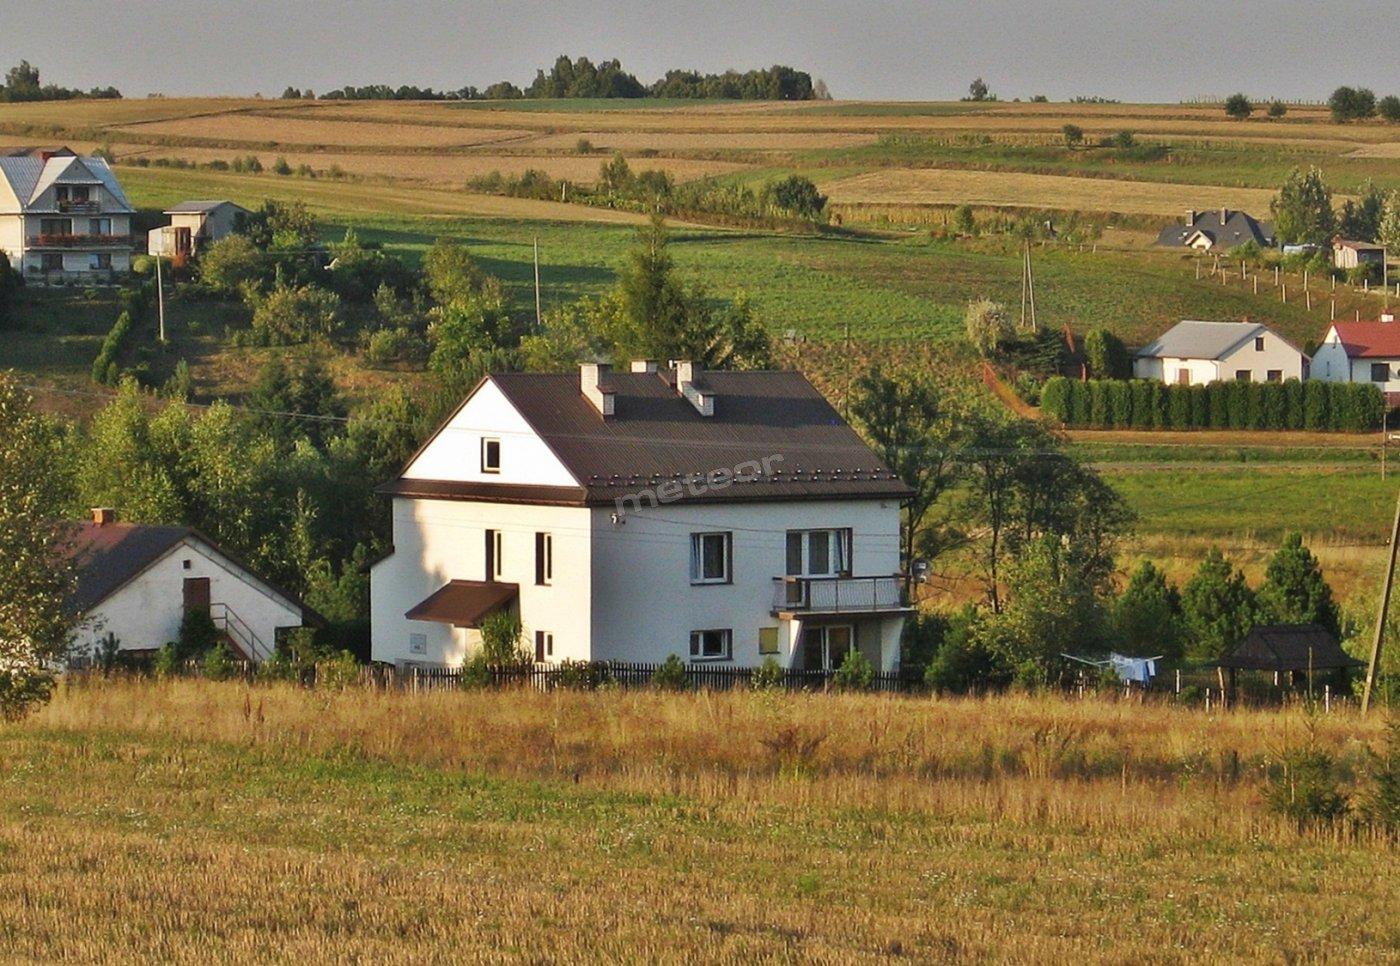 Dom, ogród z altanką i teren dookoła